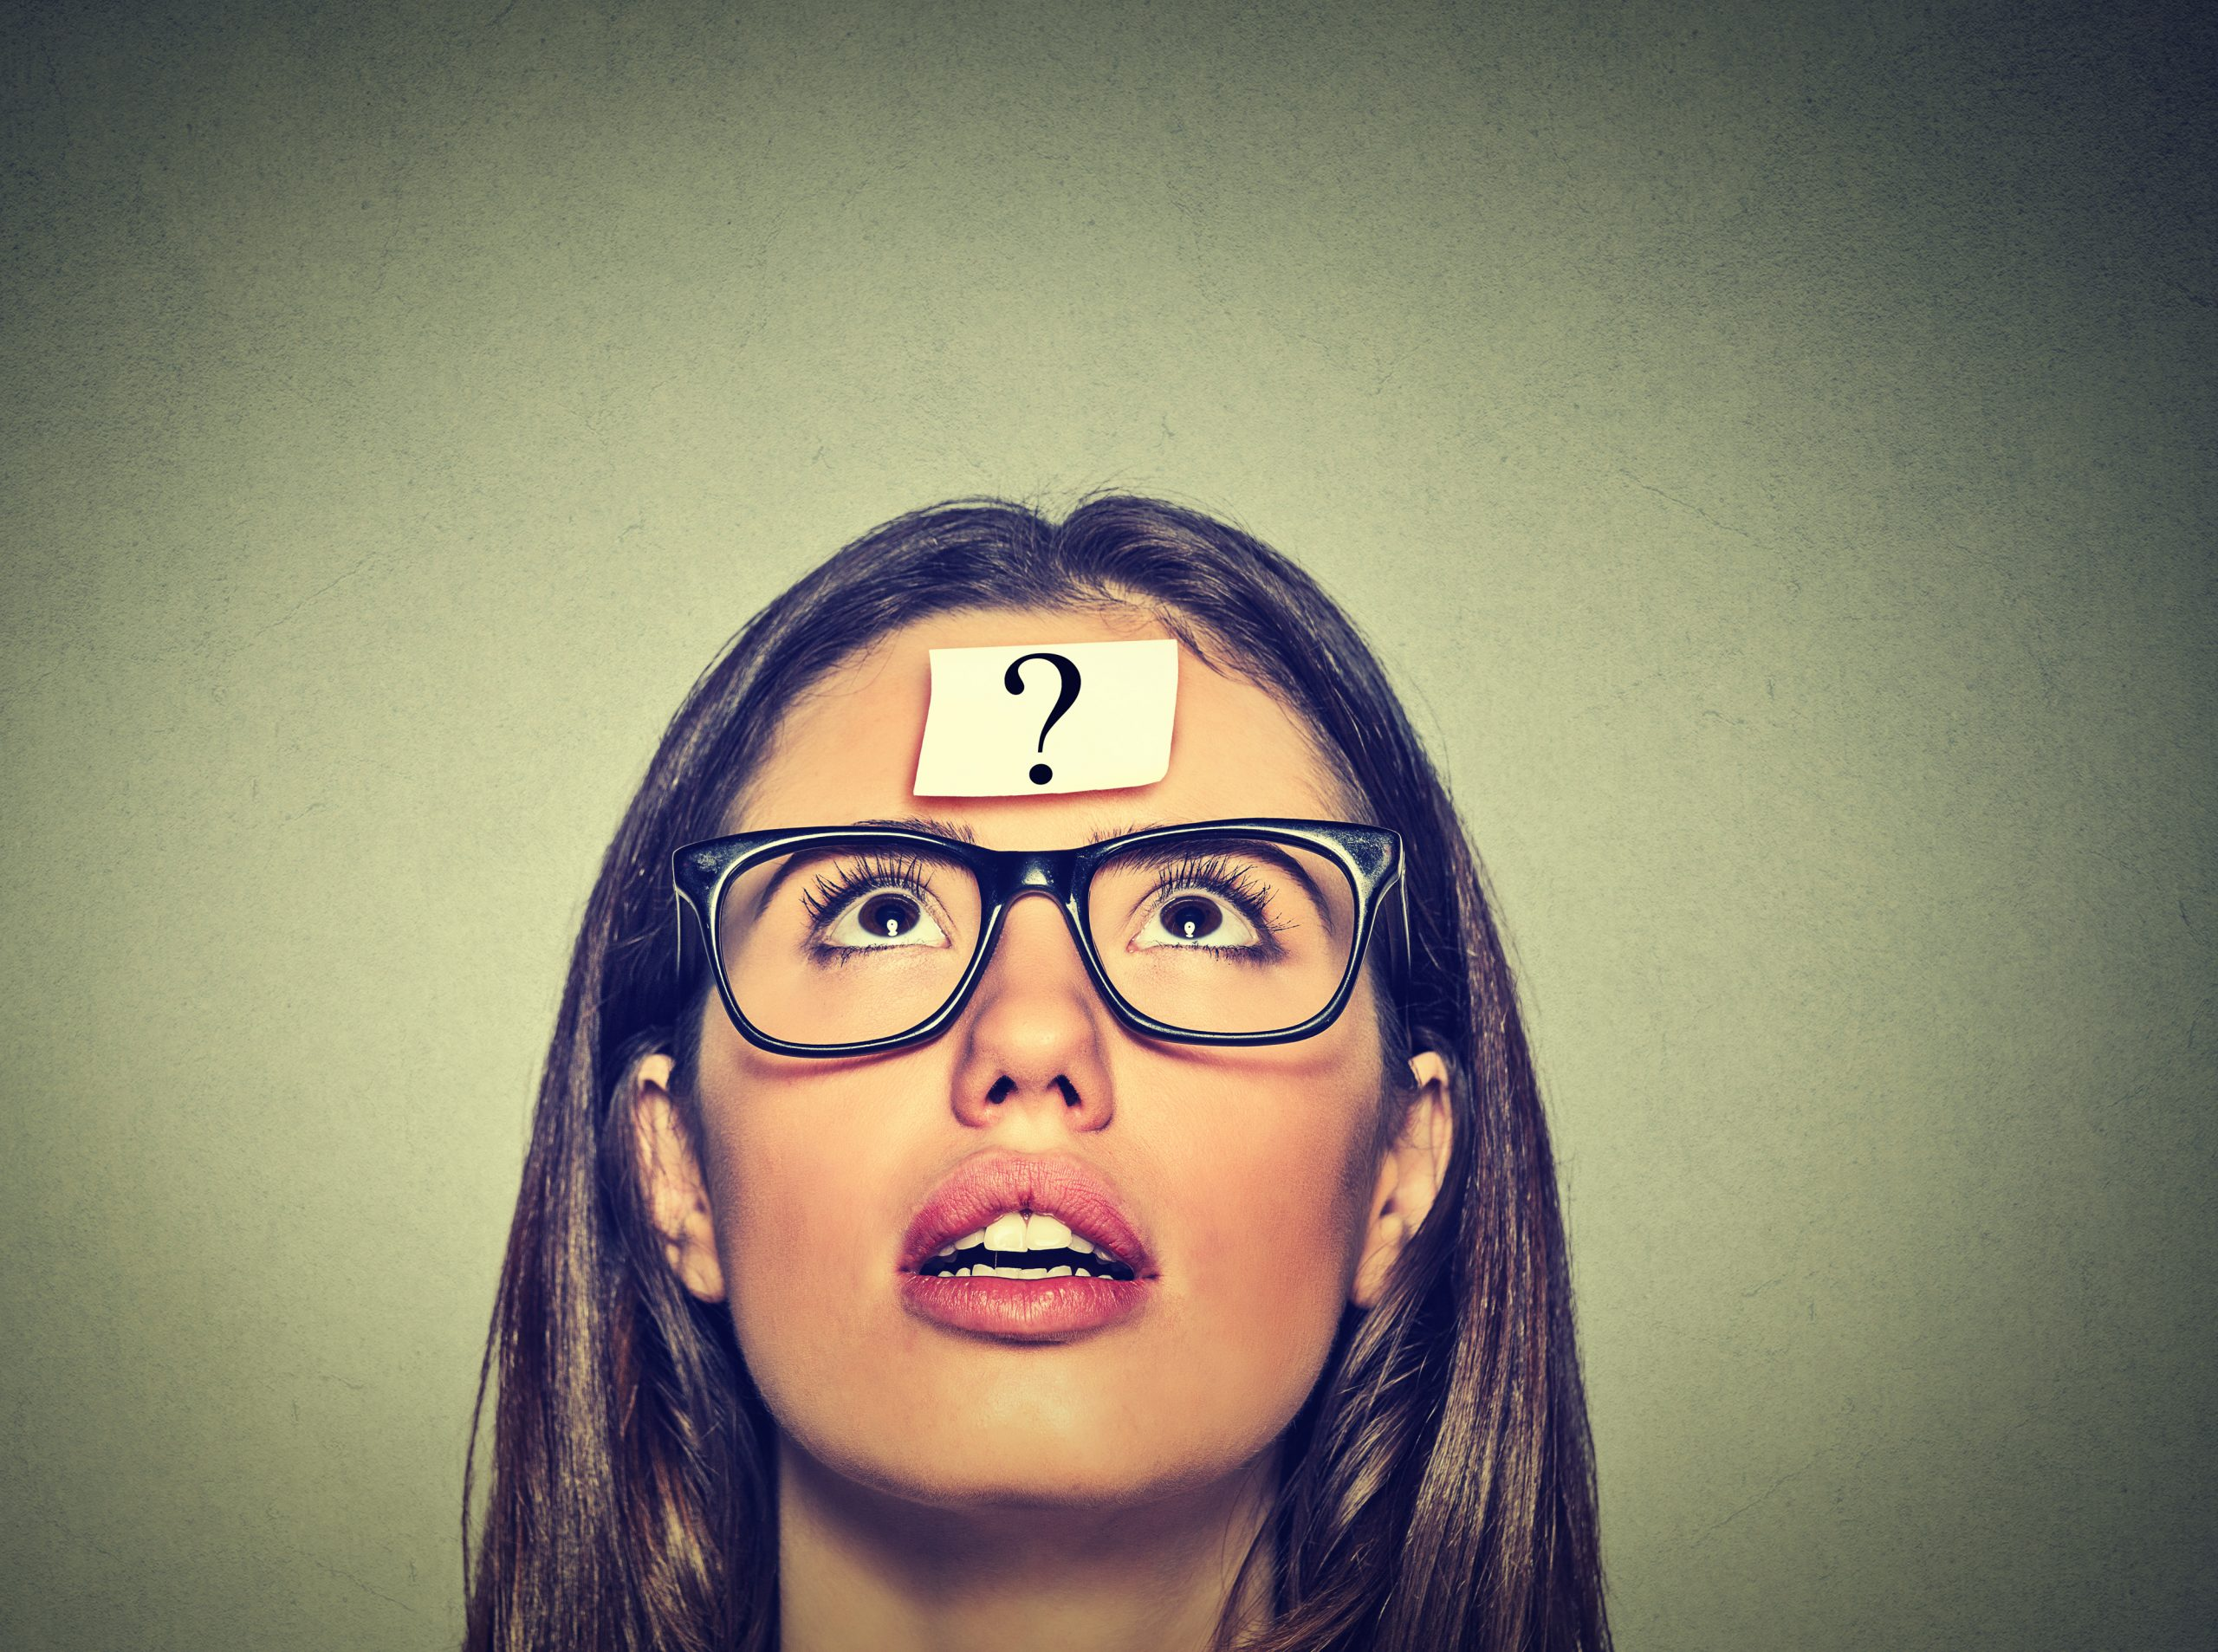 Denkende Frau mit offenem Mund und einem Fragezeichen auf der Stirn